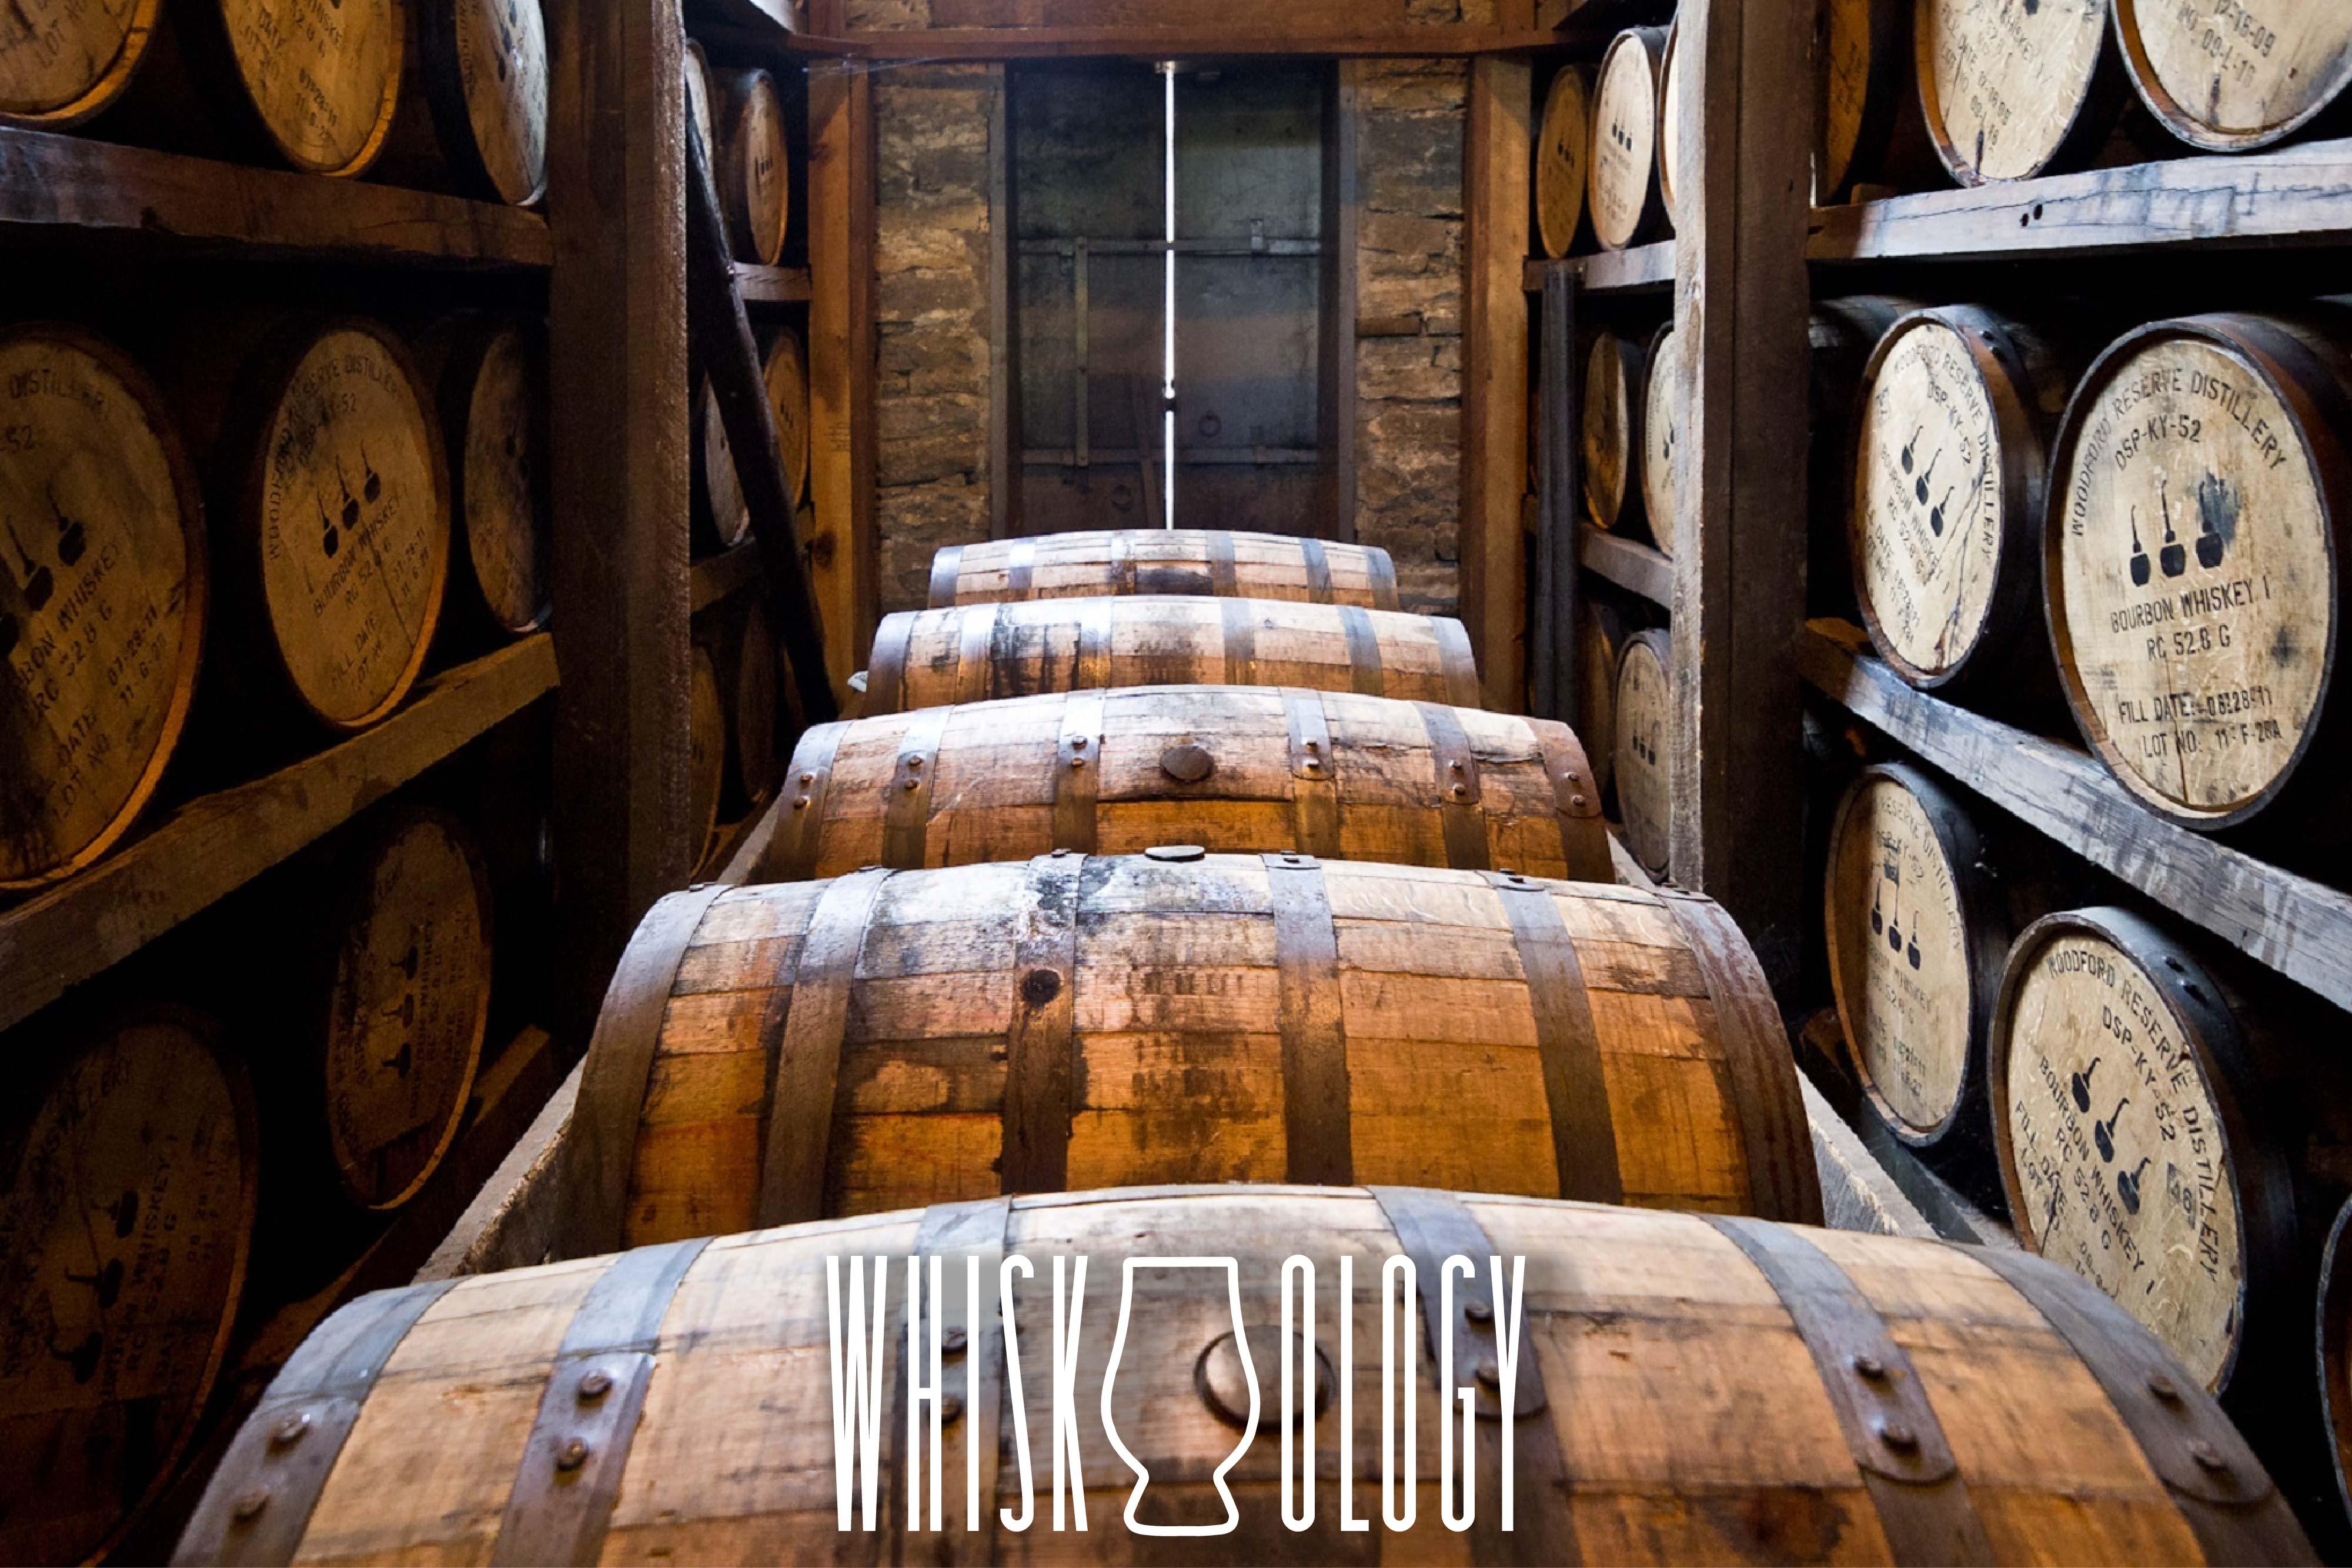 blog-fb-page-0032_reuse-of-casks